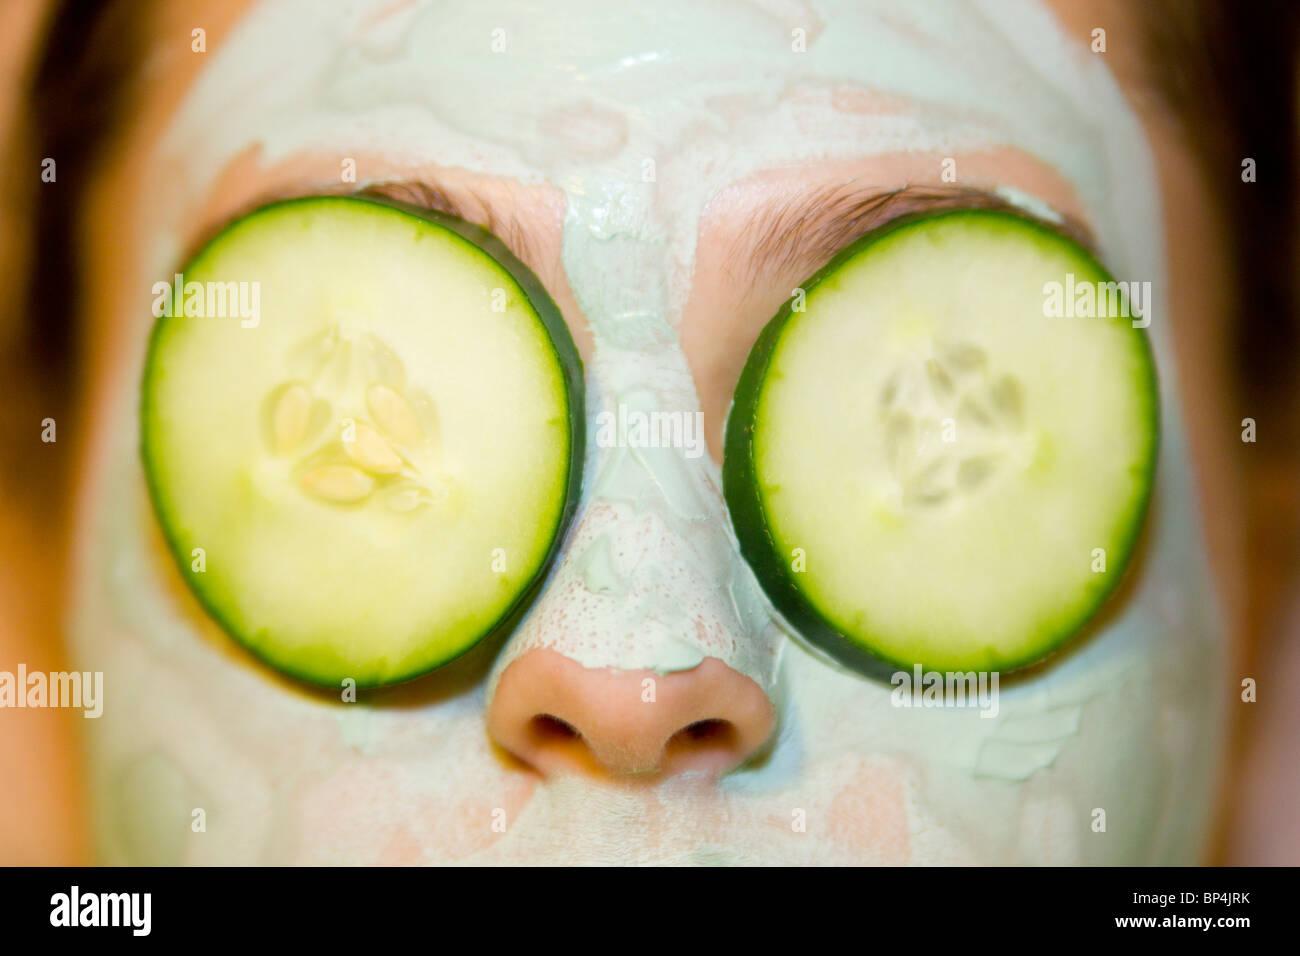 Mädchen mit grünen Gesichtsmaske und Gurkenscheiben über Augen Stockbild